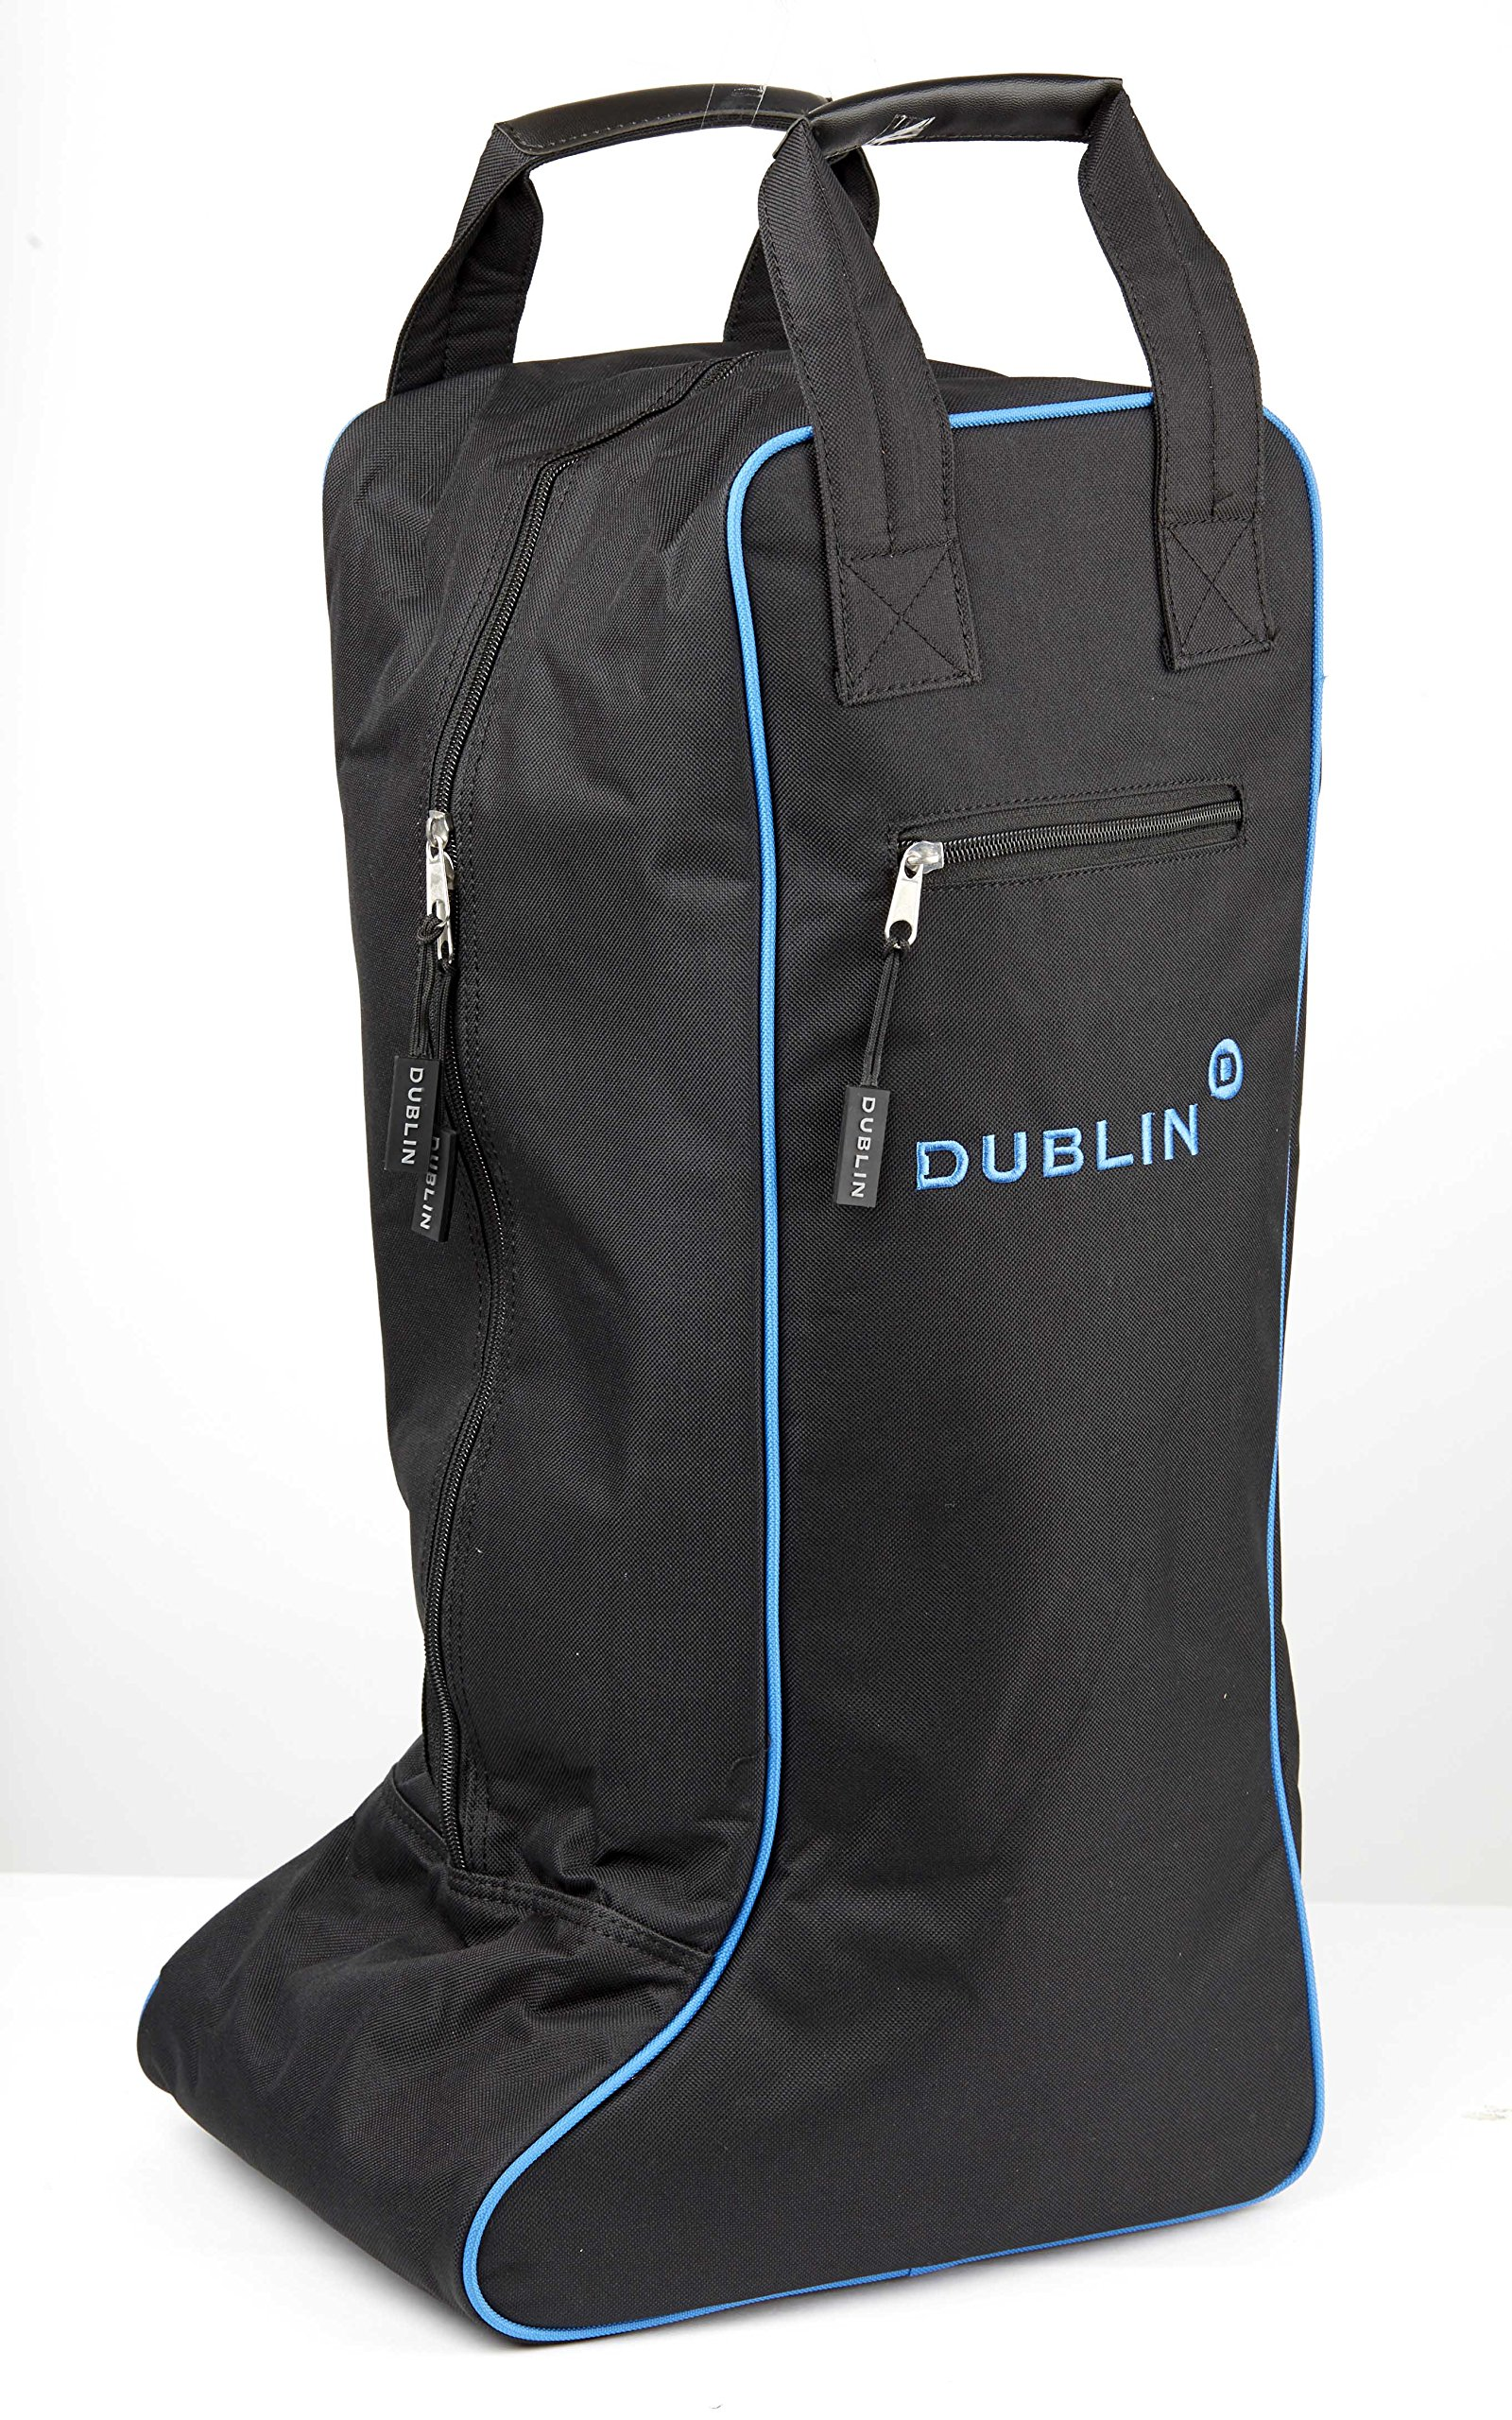 Dublin Imperial Tall Boot Bag, Black/Blue